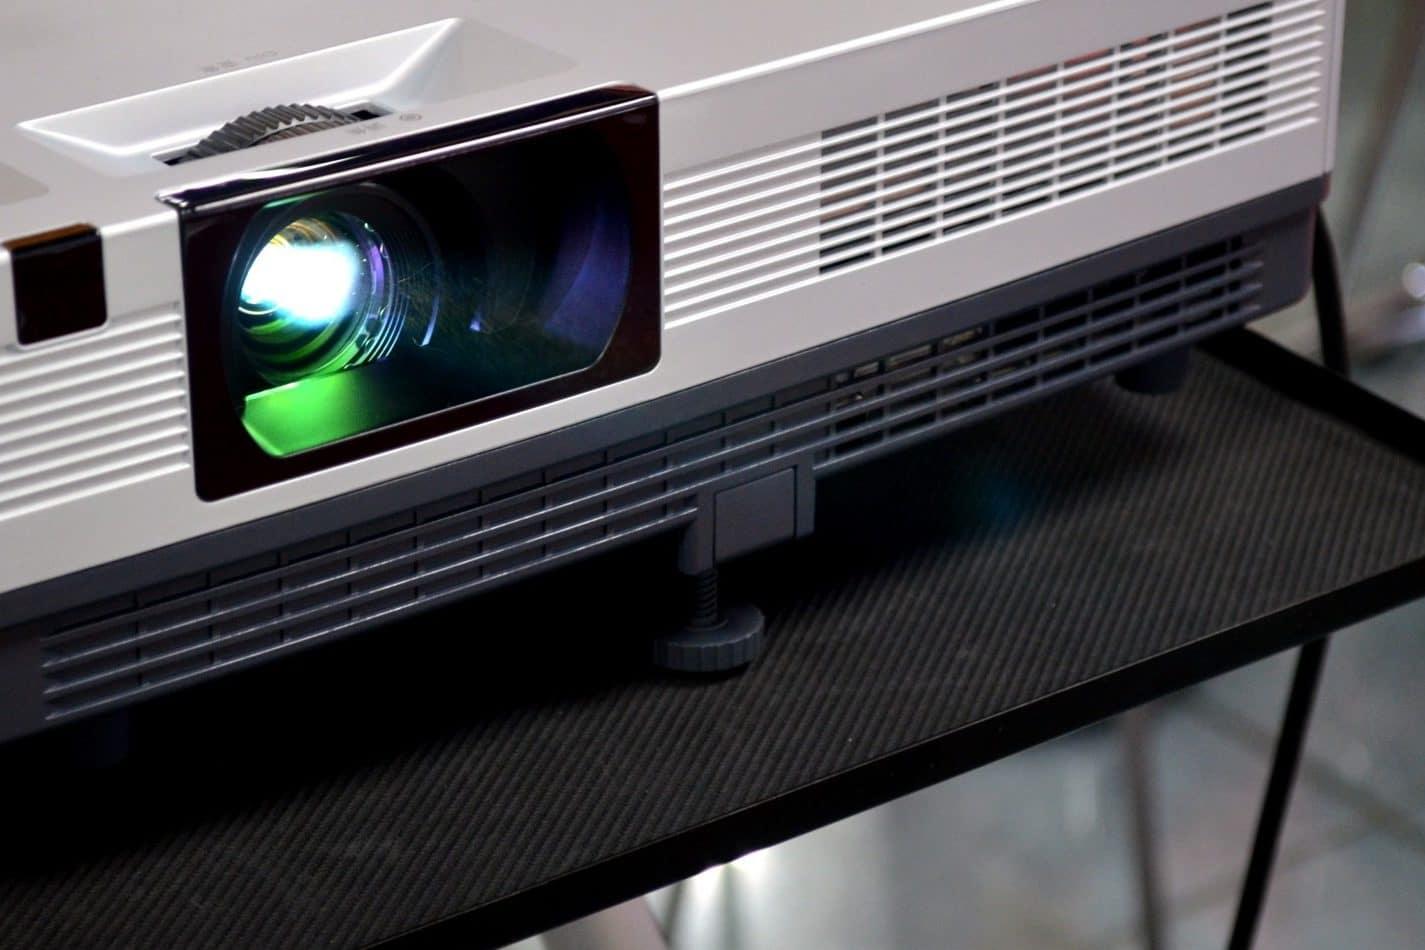 Estudio de proyectores: El mejor proyector calidad-precio